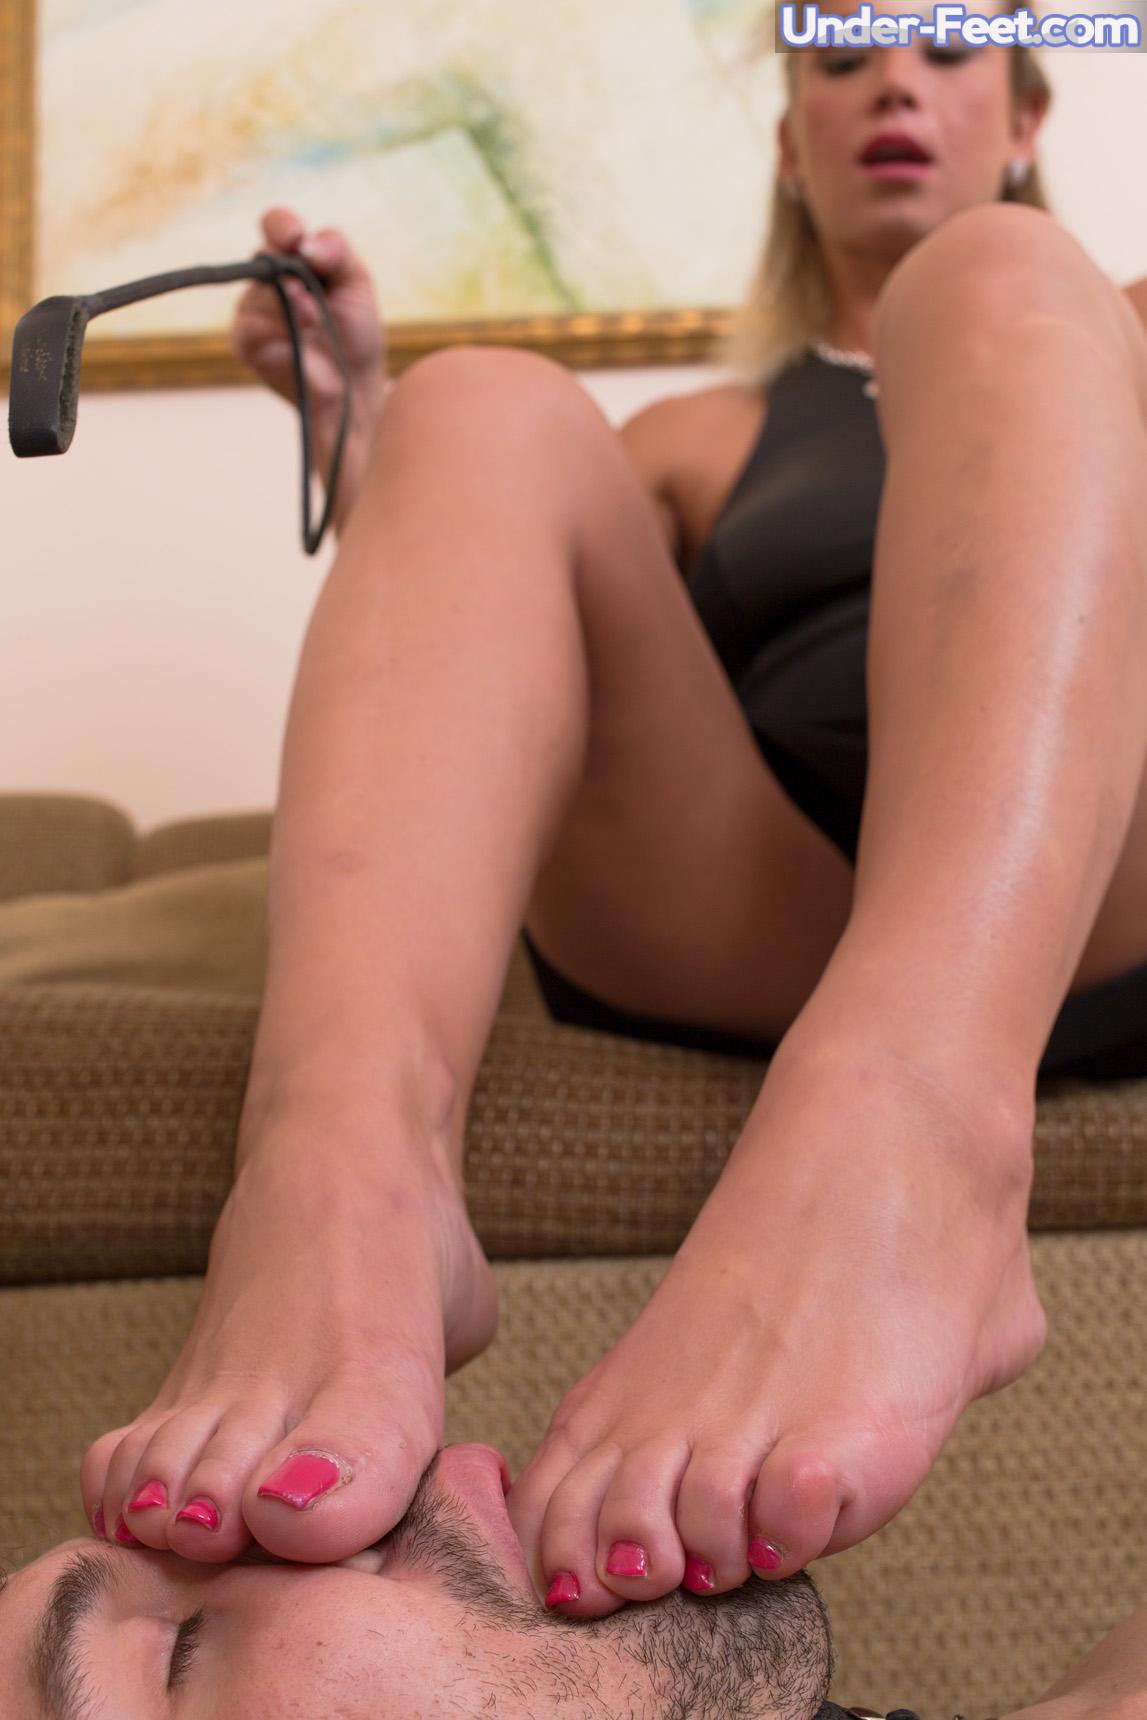 Фетиш под столом госпожи смотреть онлайн, жестко трахает свою жену